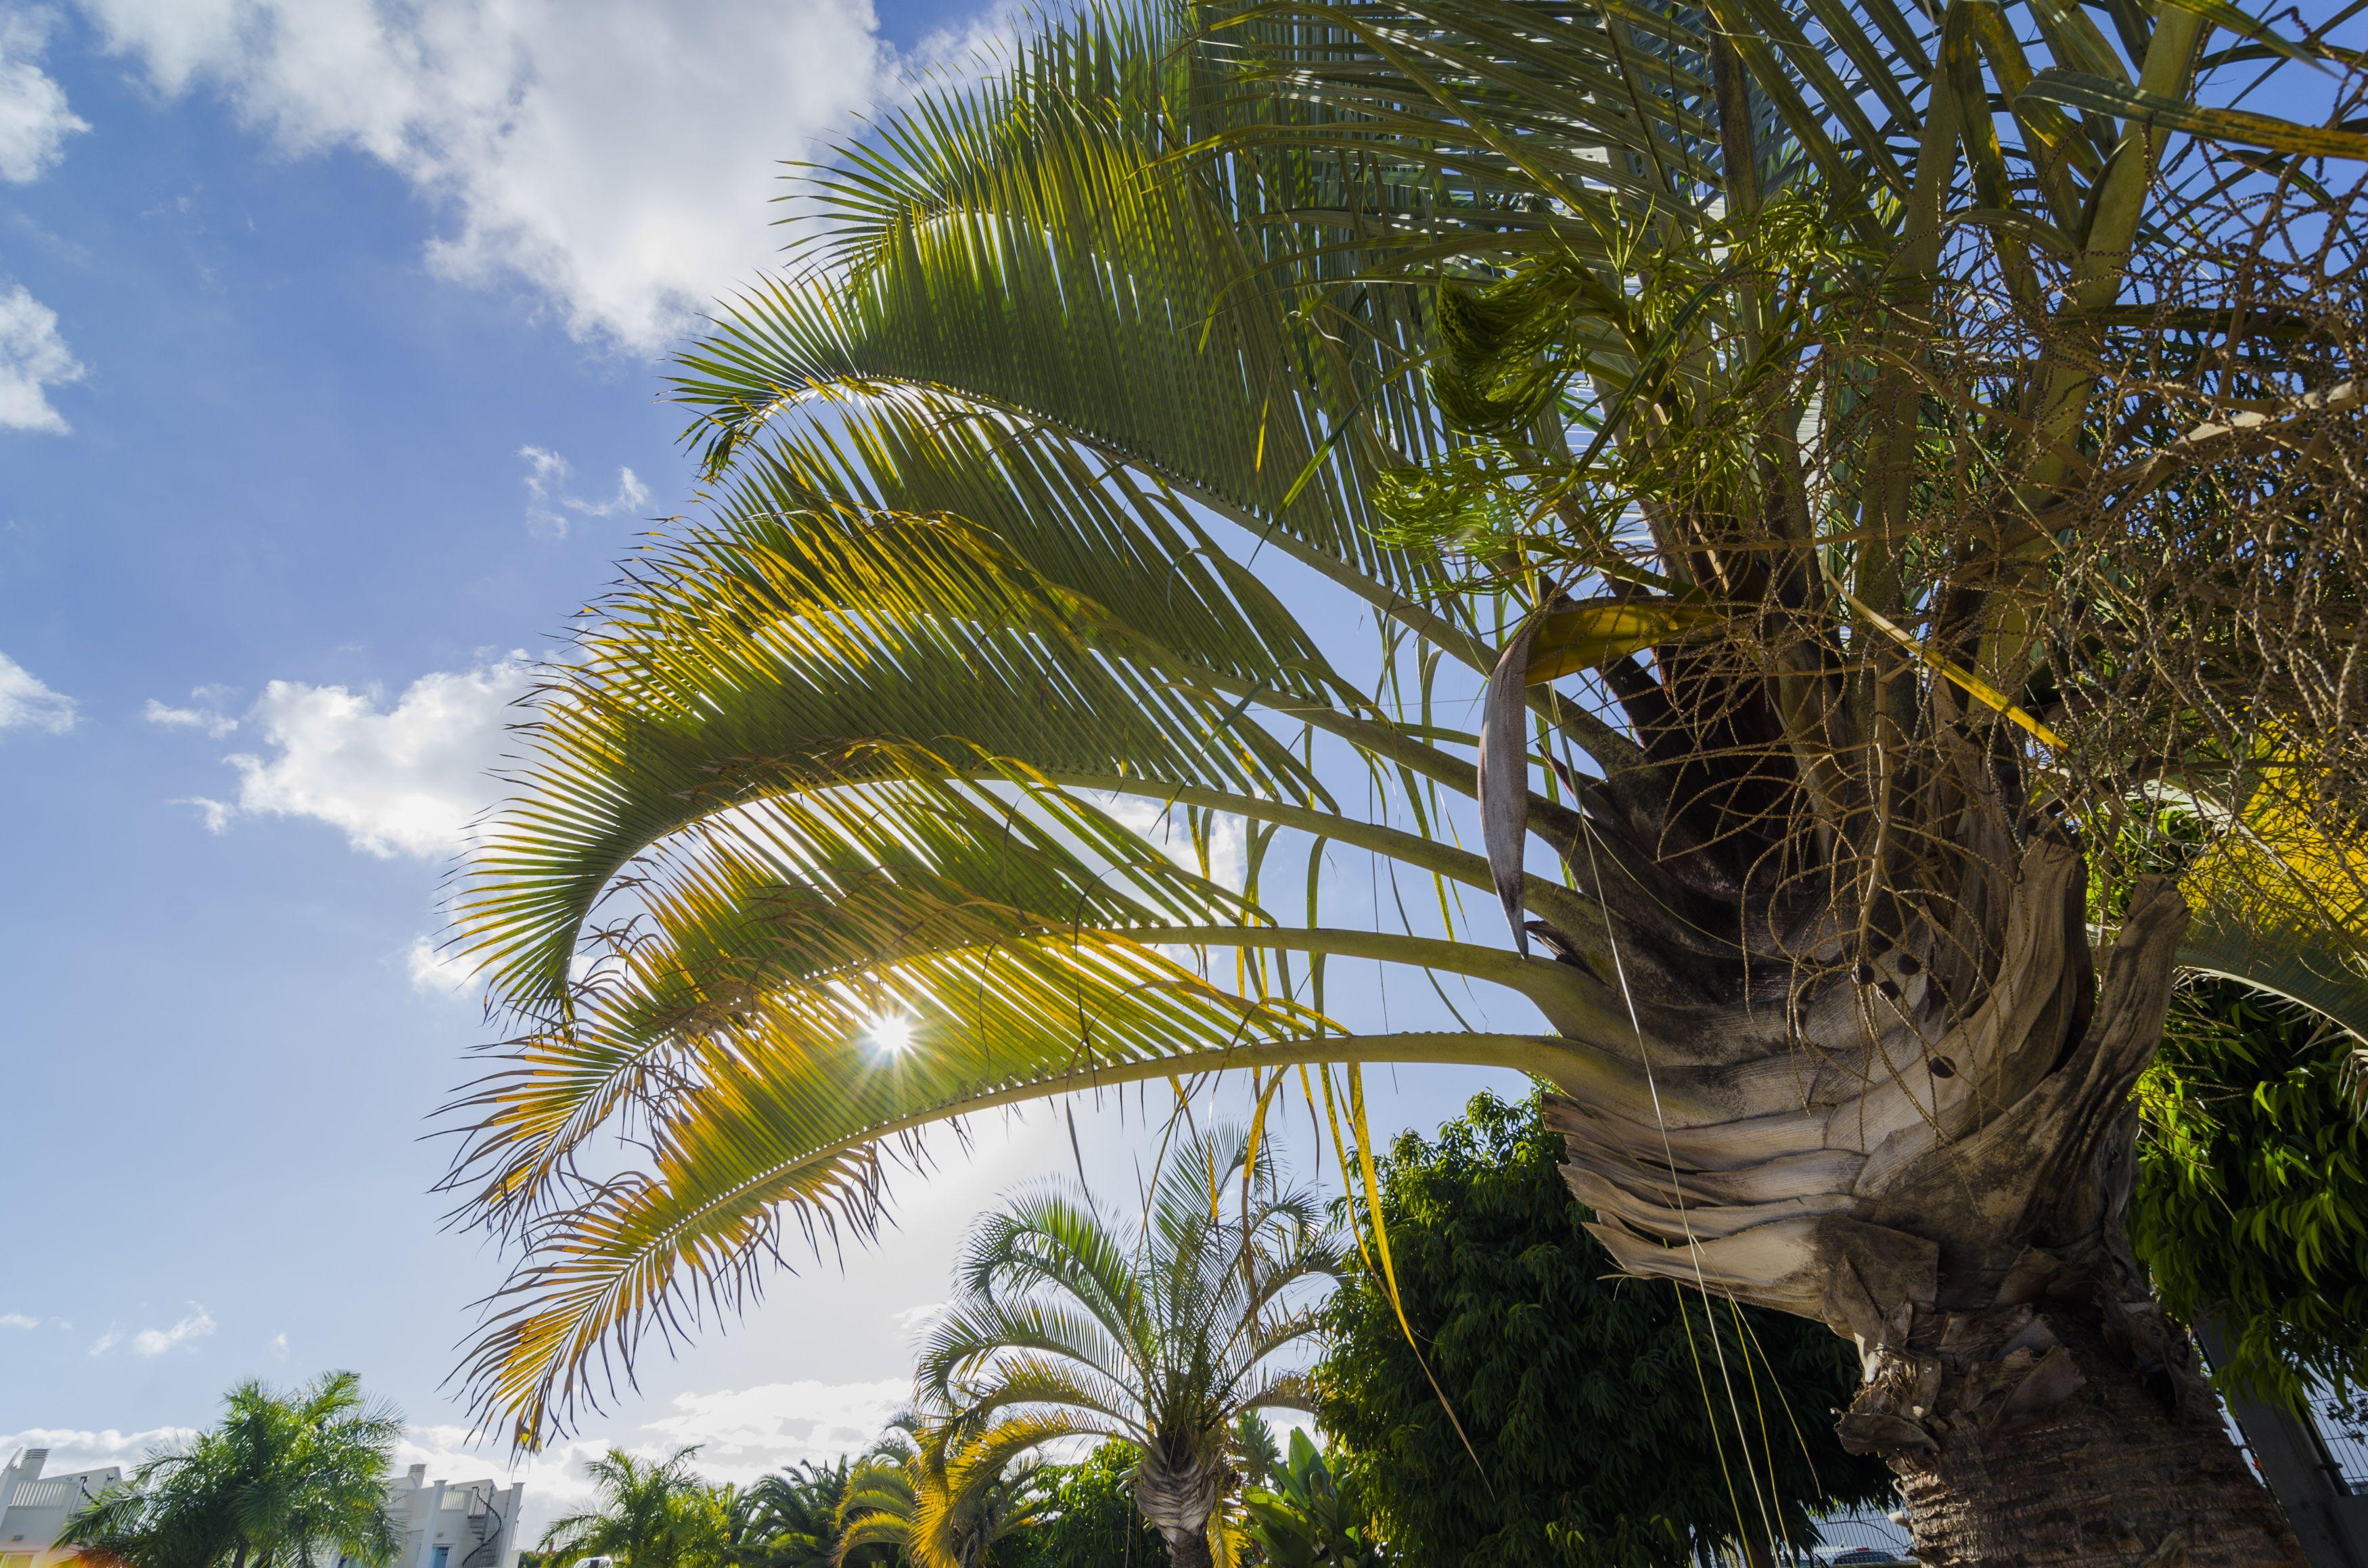 Jardineros especialistas en palmeras